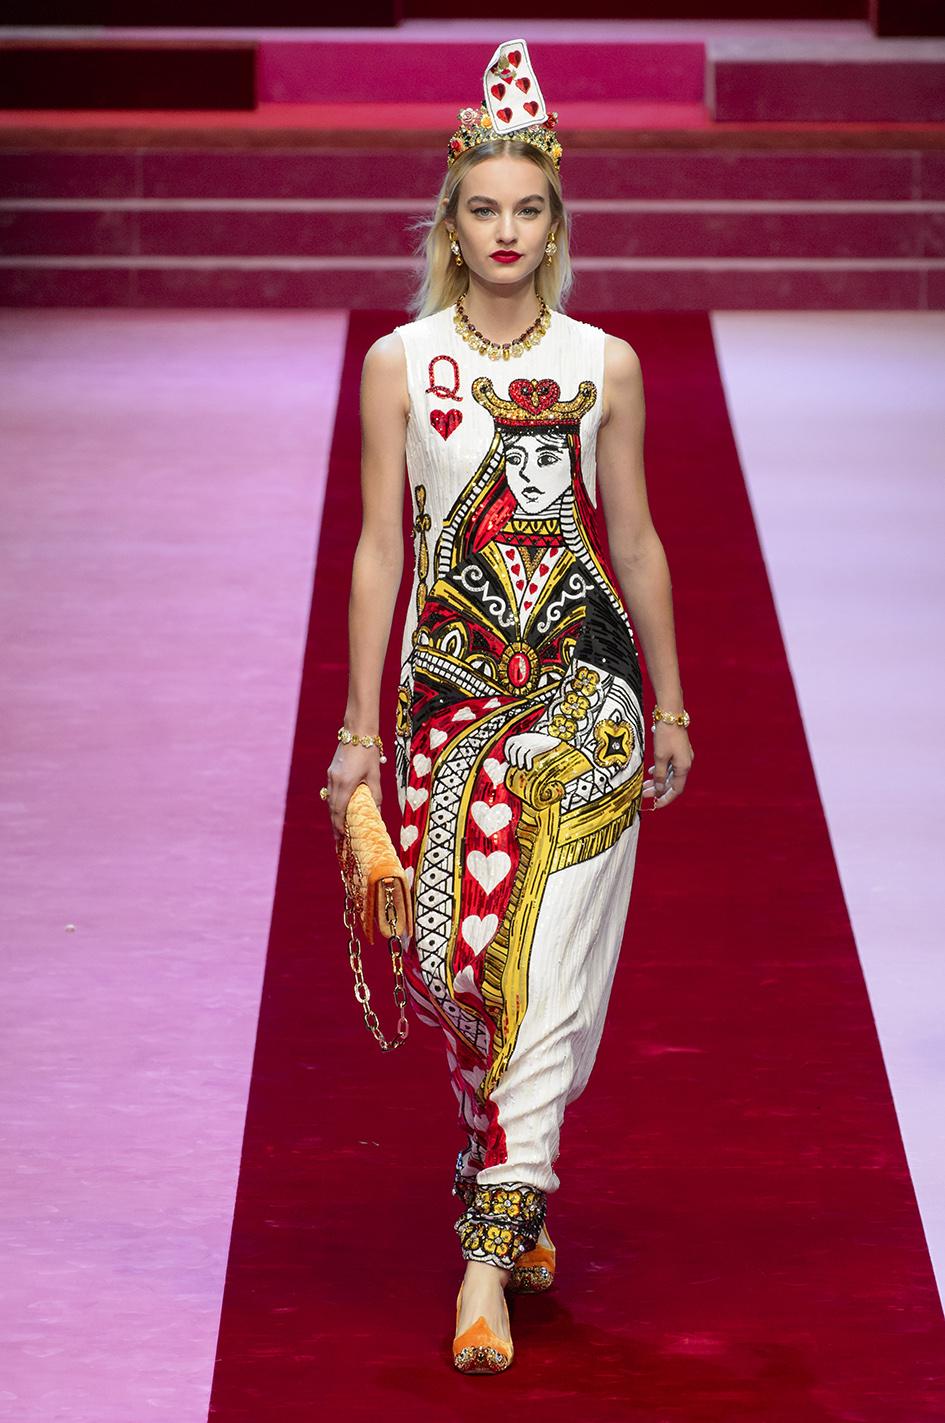 Dama kier, dominacja miłości oraz…warzywa na pokazie Dolce&Gabbana w Mediolanie